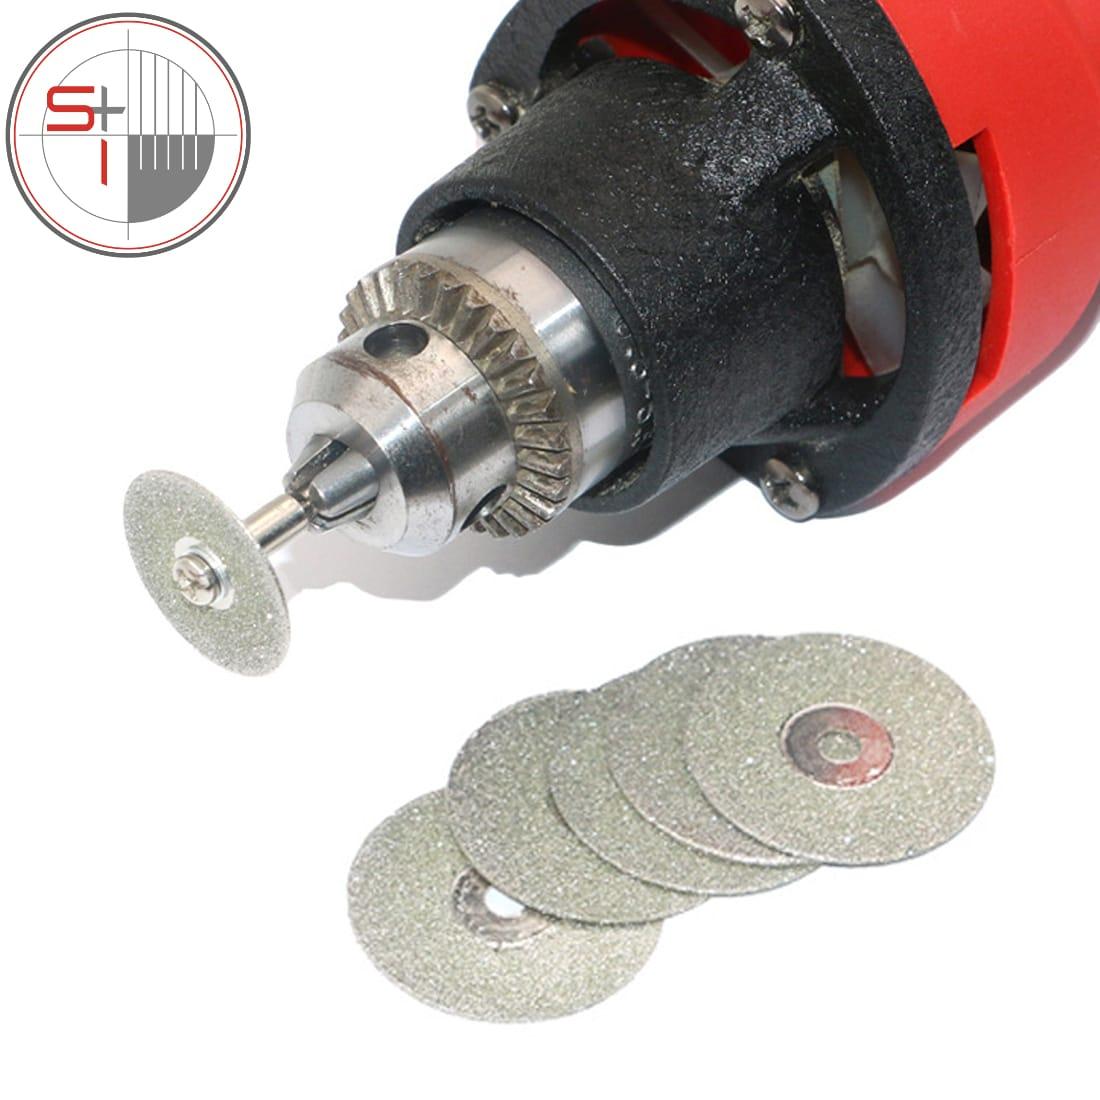 Diamond Cutting Discs & Drill Bit